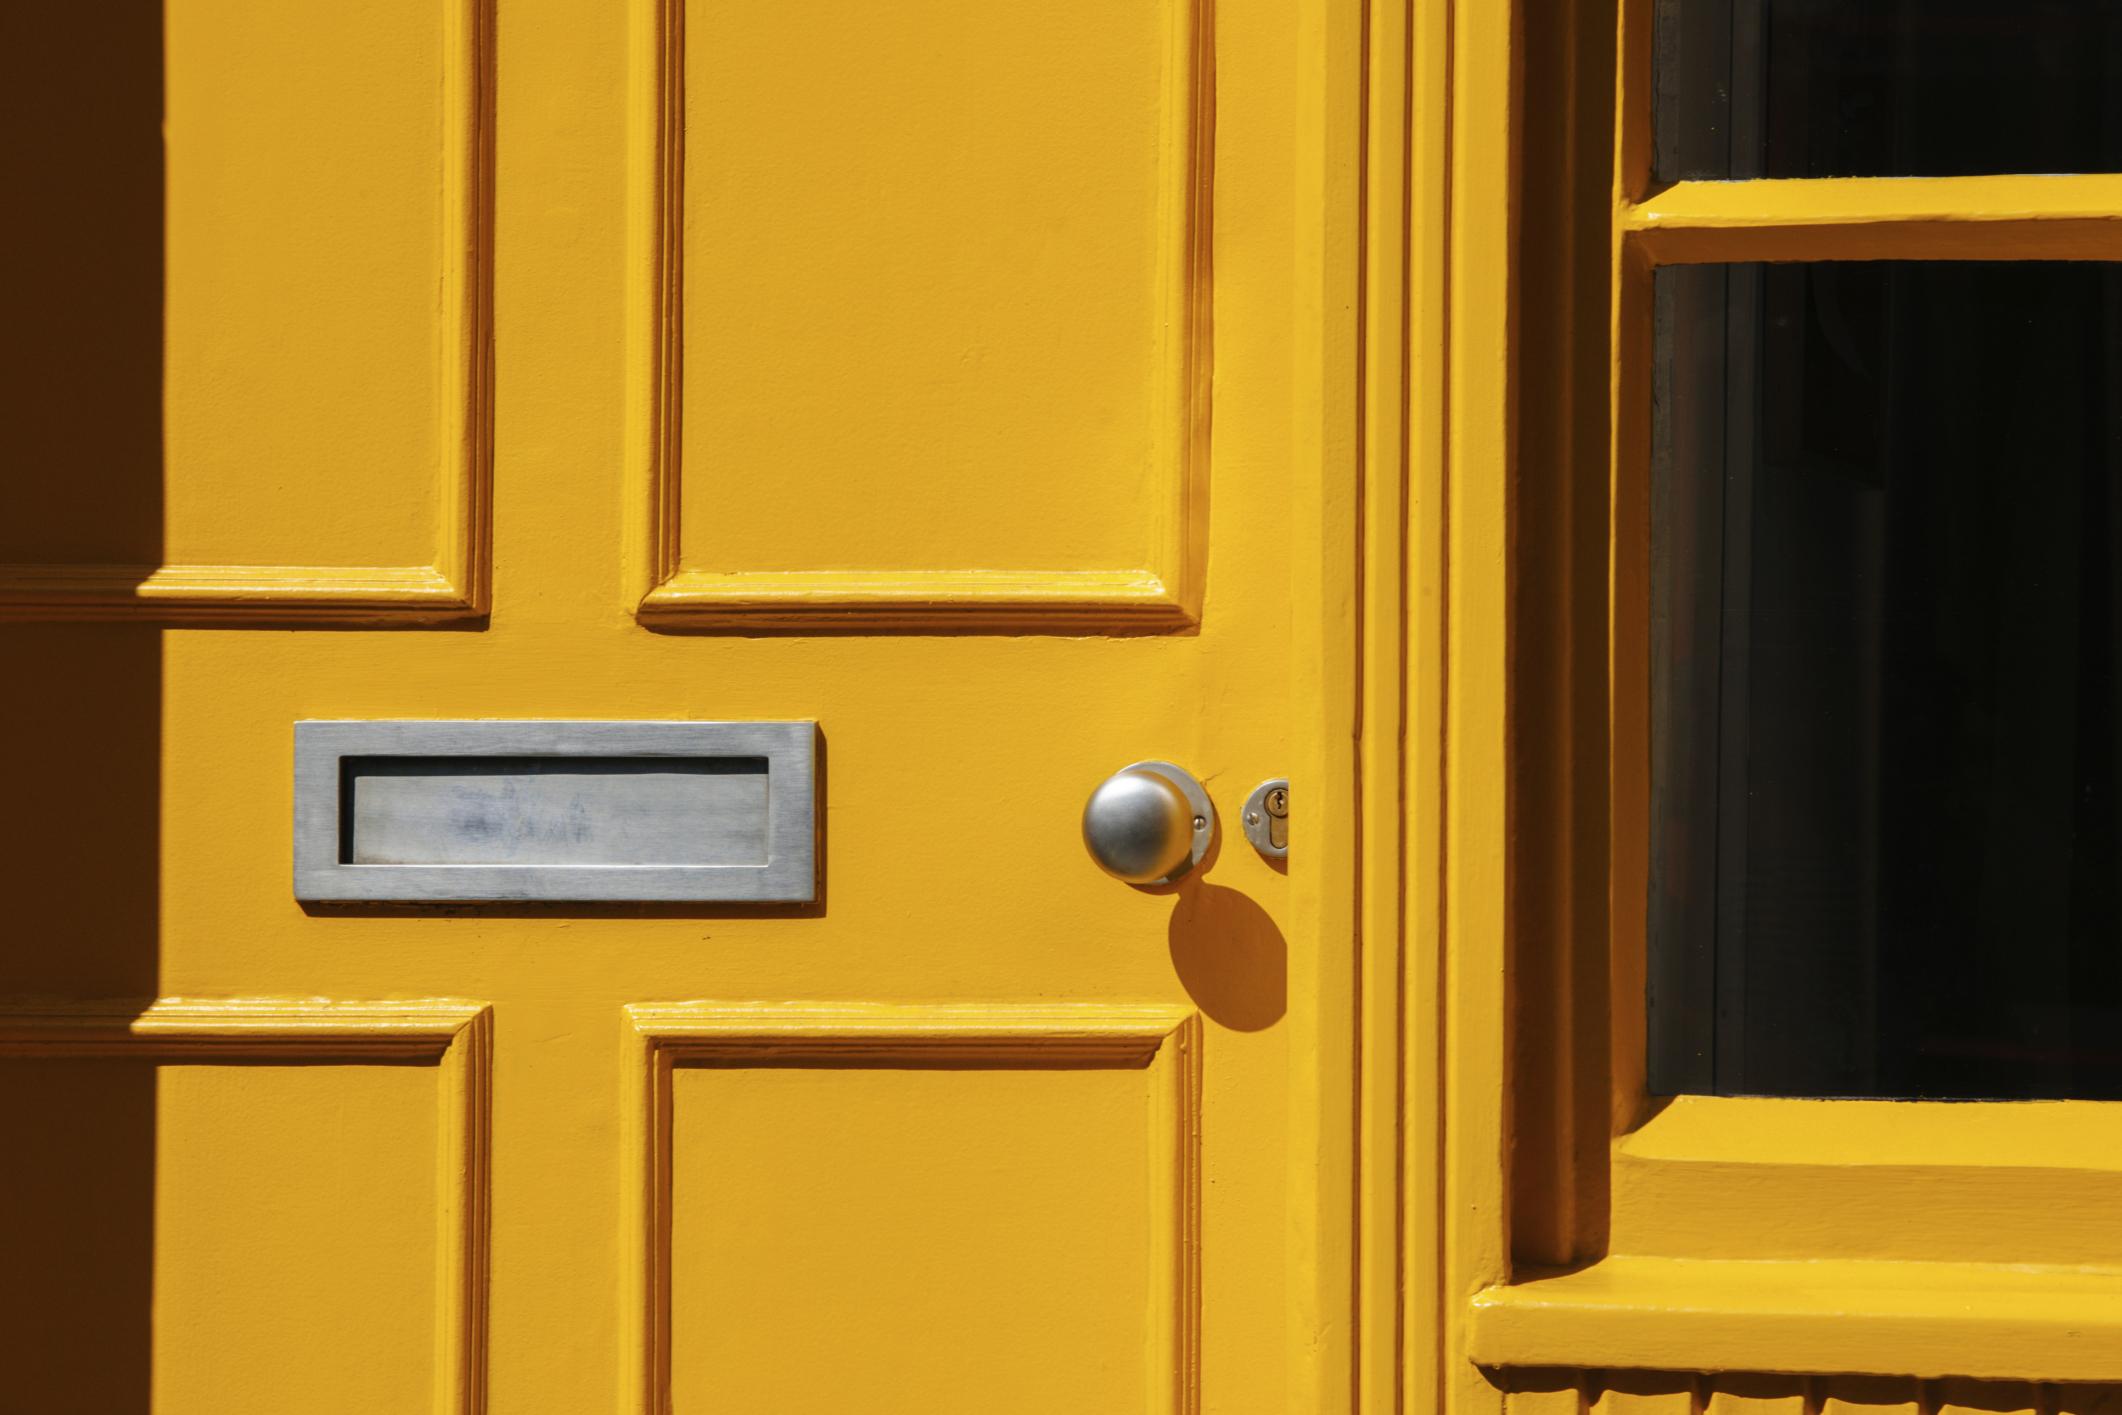 Open the Door to Possibilities